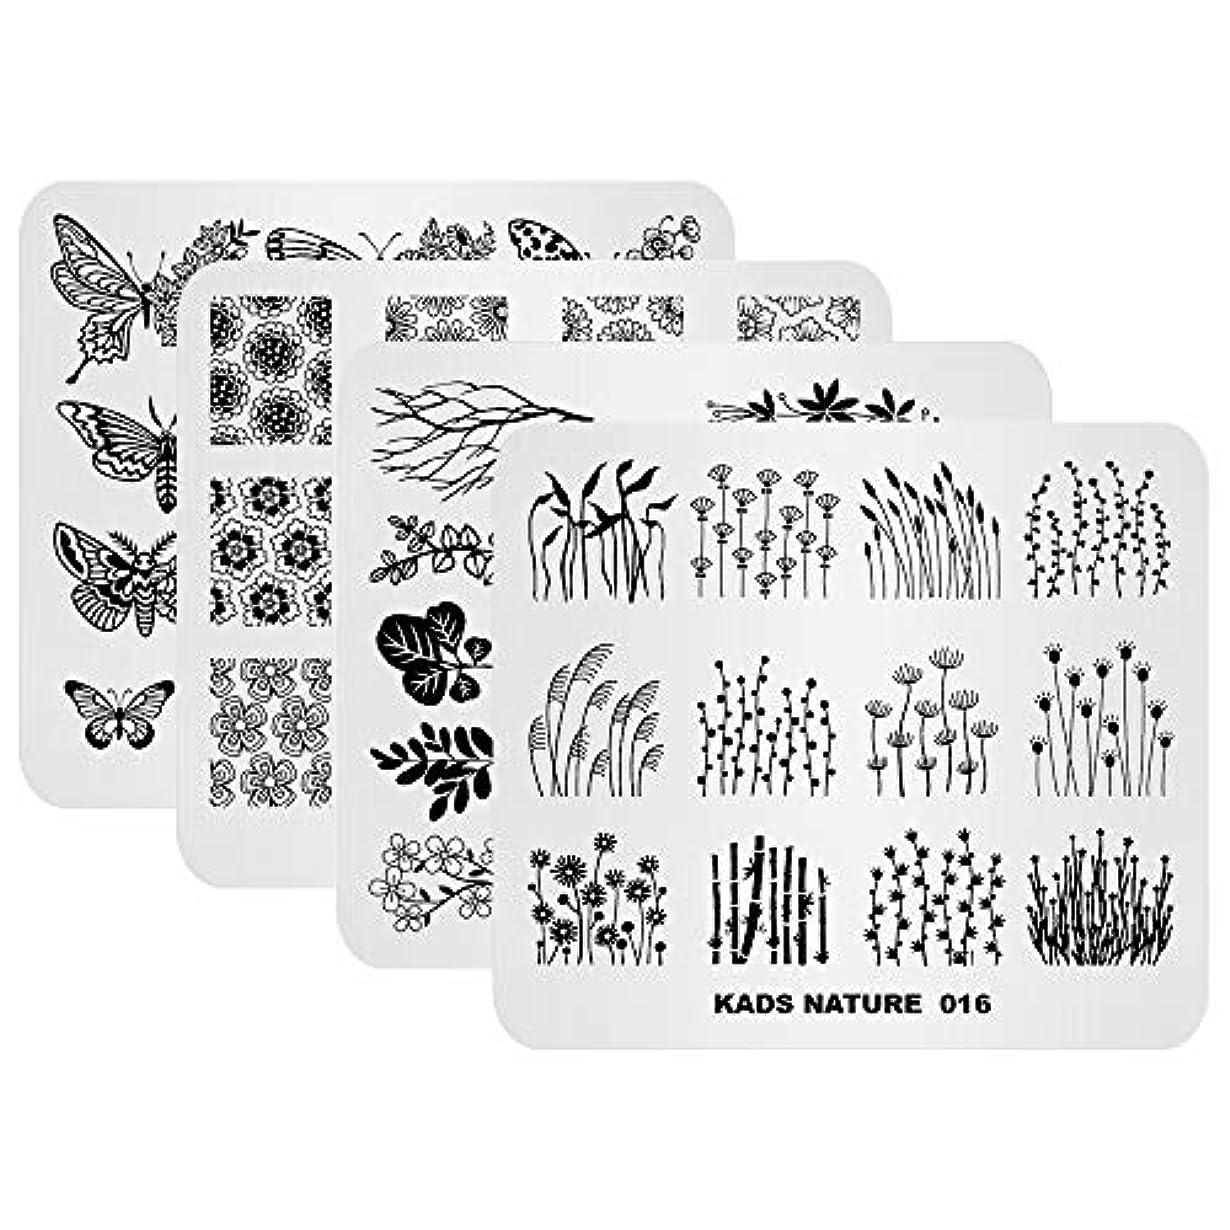 エンティティ兄内なるKADS スタンピングネイルプレート4枚セット 美しい蝶/蜻蛉/花/葉 ナチュラルスタイル ネイルイメージプレート ネイルステンシル (セット2)